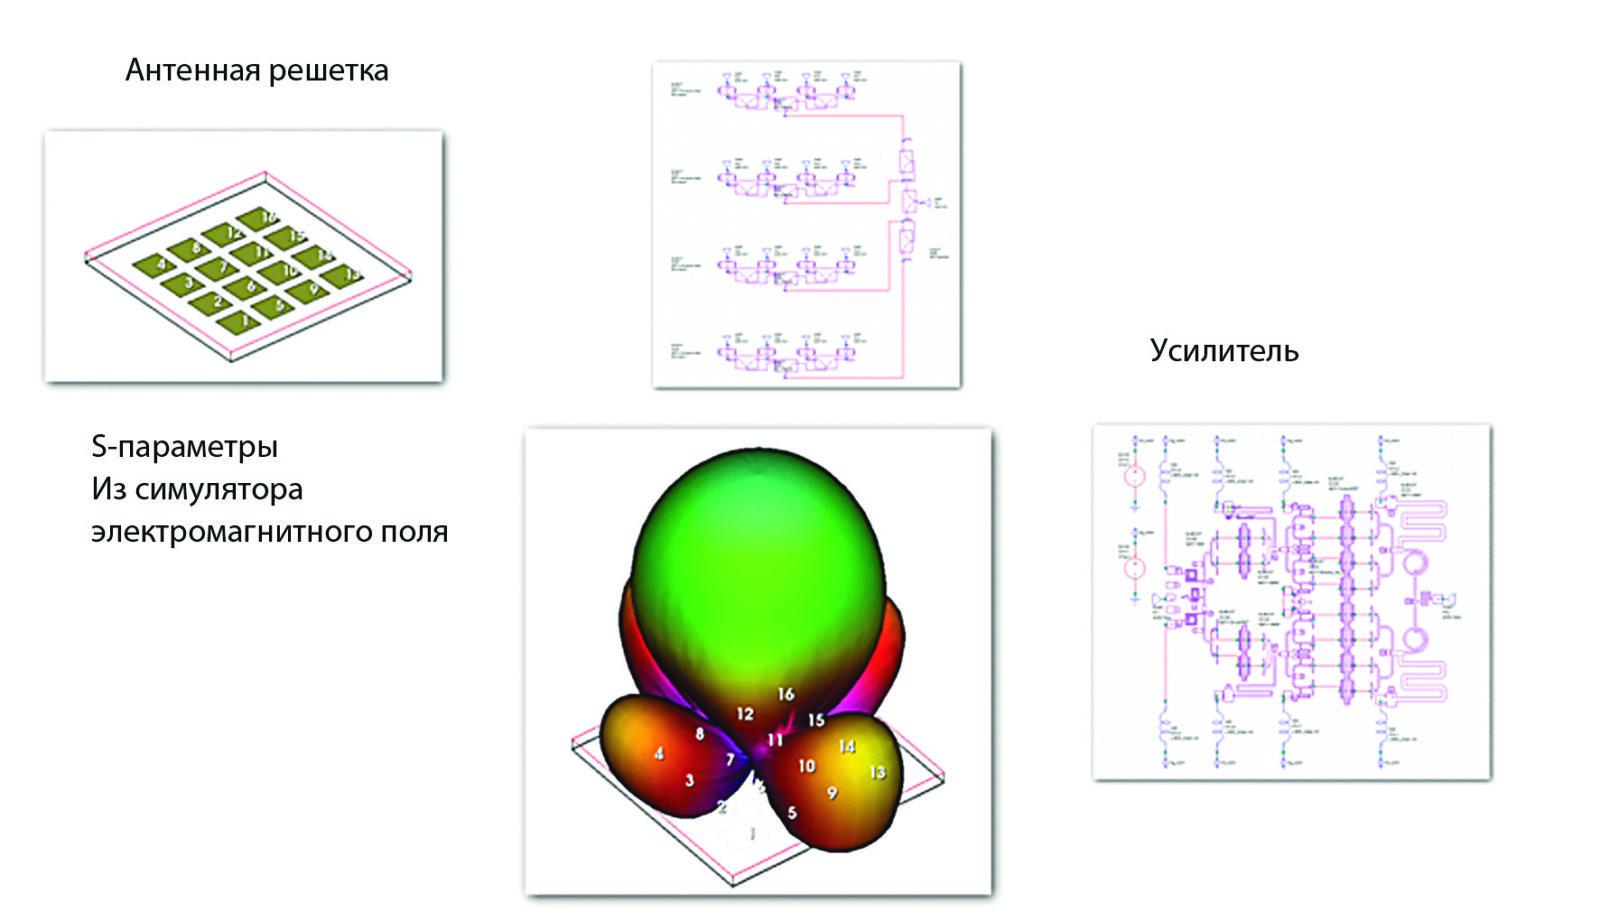 Пример моделирования массива 16-элементной микрополосковой системы с 16 усилителями